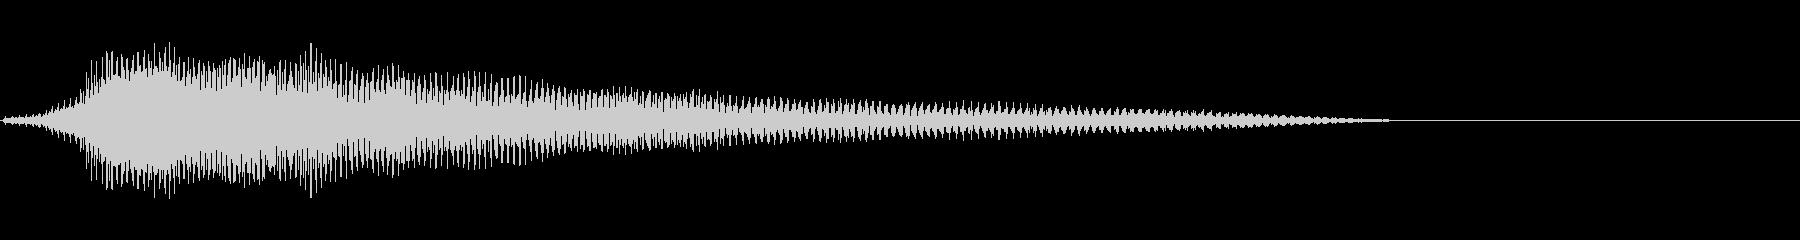 スチールギター:ウォブルスライドダ...の未再生の波形